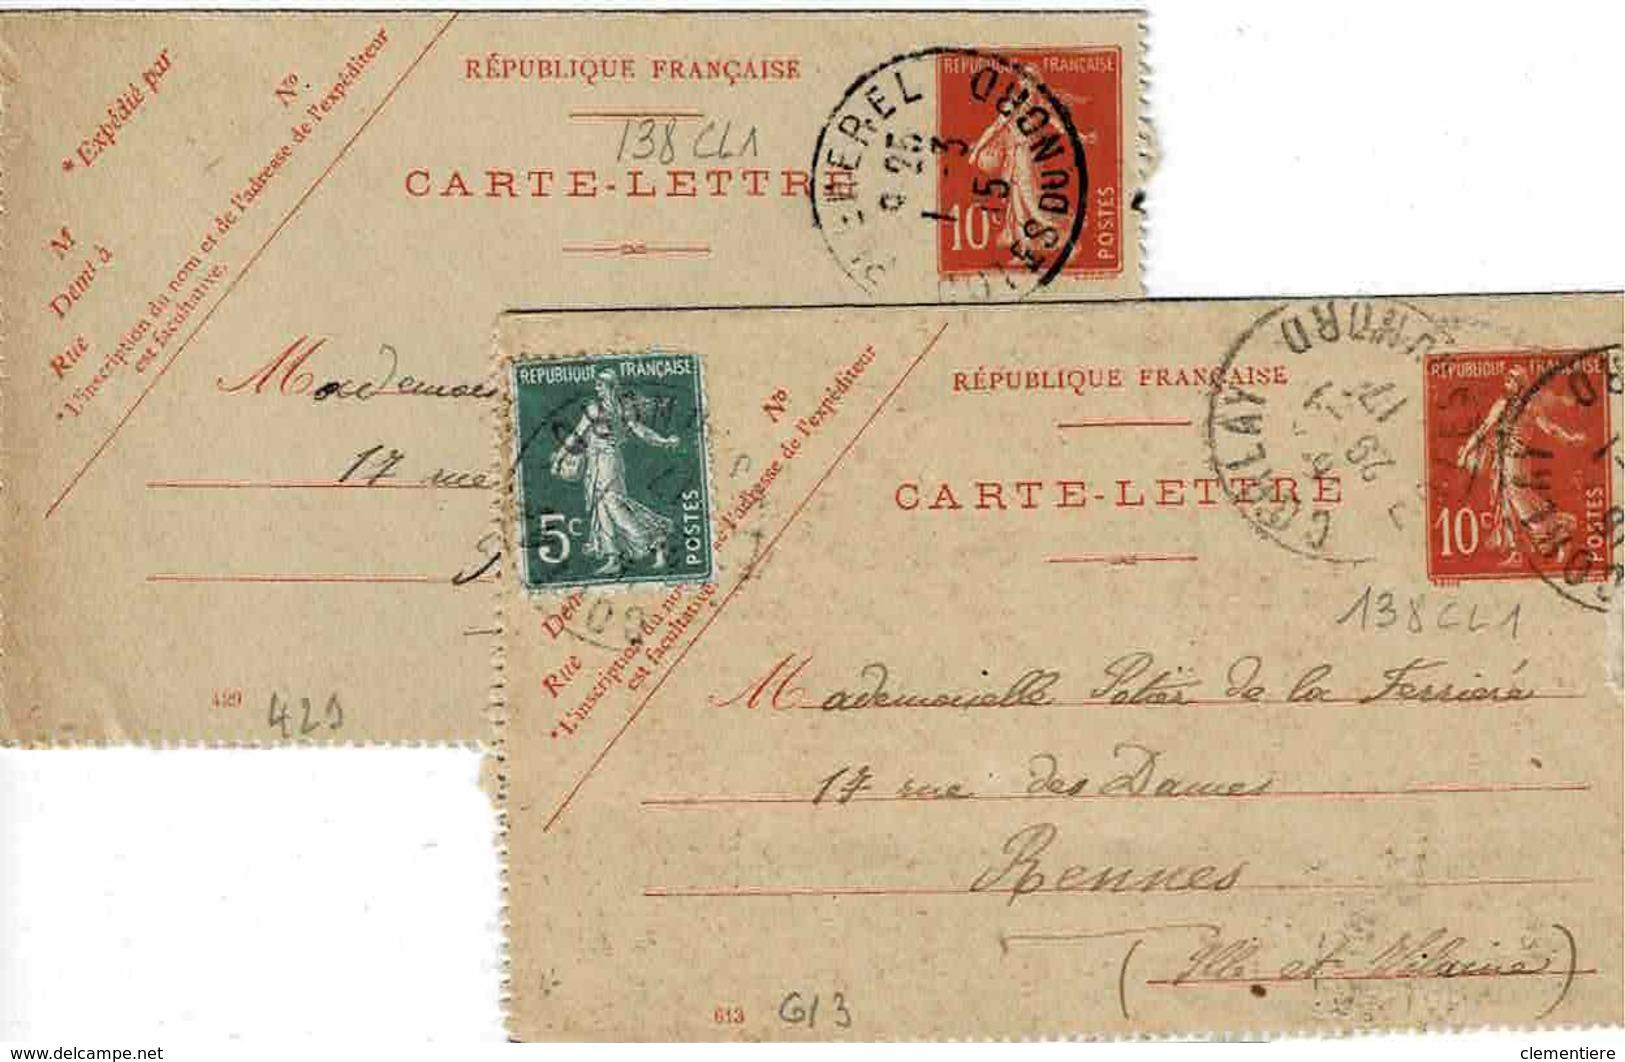 2 Cartes 138 CL 1 , Dates 613 Et 429, 111 X 70 Mm,de Bêcherel Et Corlay Pour Rennes - Kaartbrieven